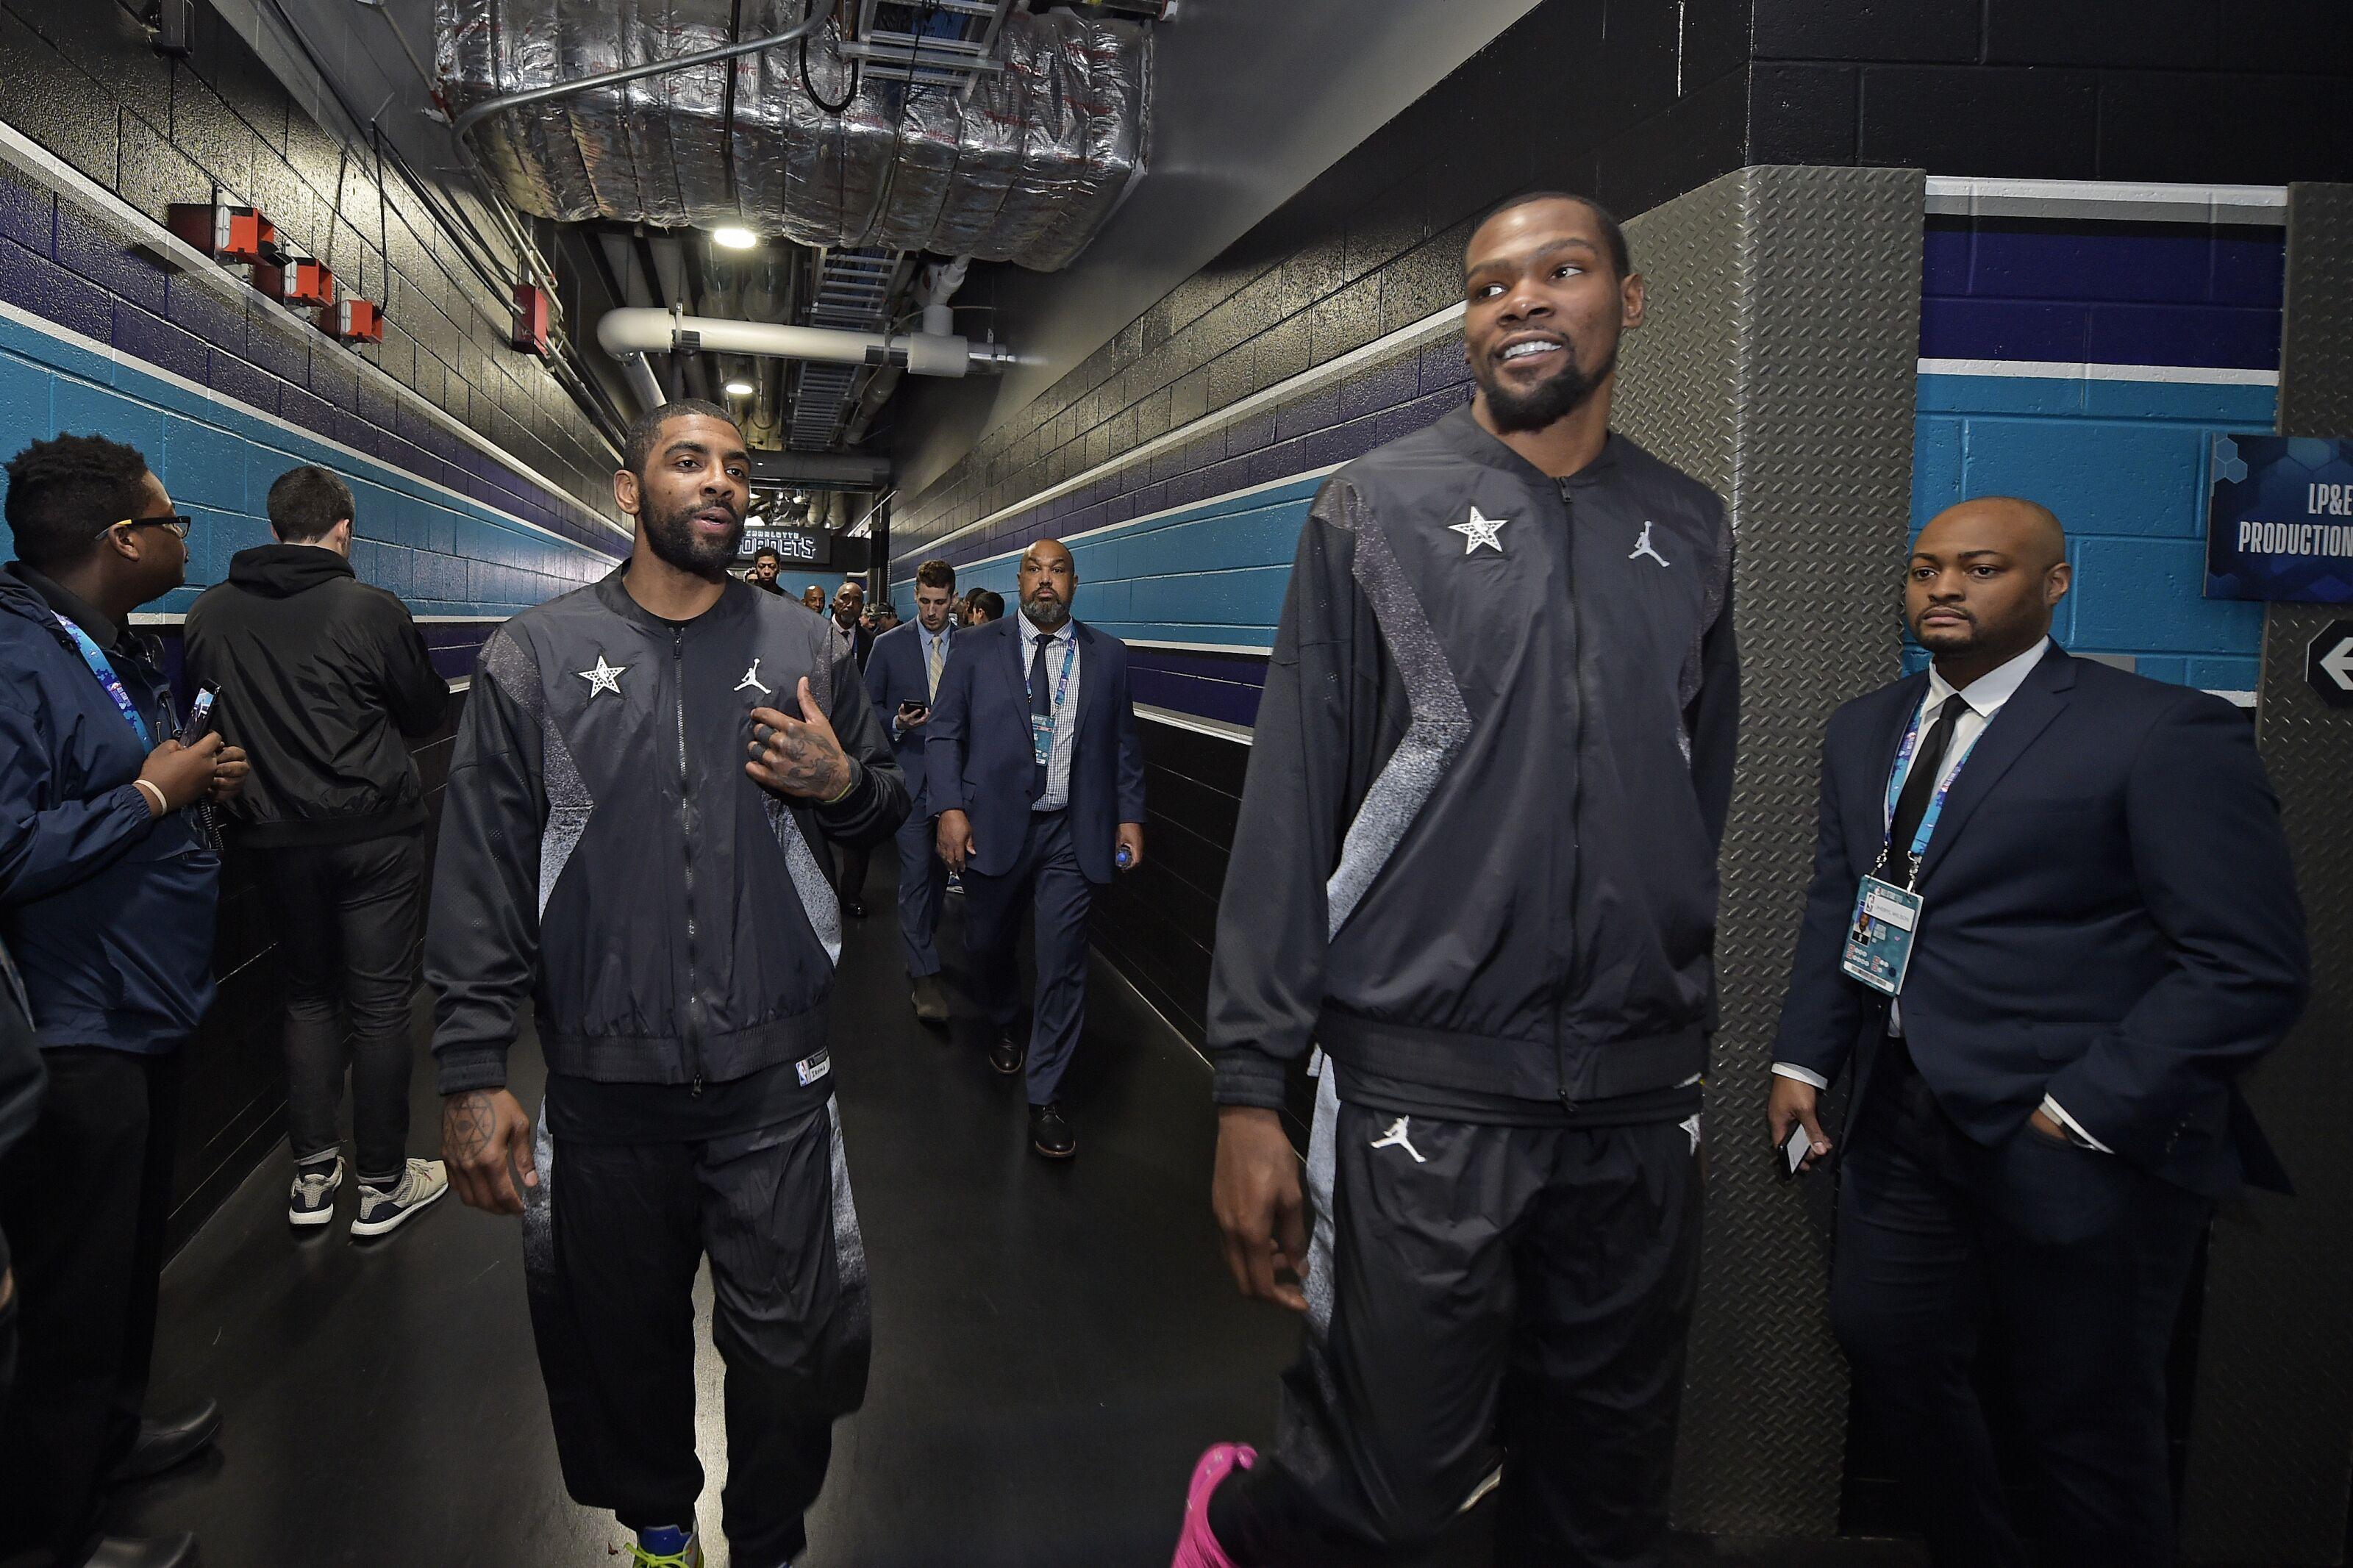 The Brooklyn Nets: Uniting Pariahs